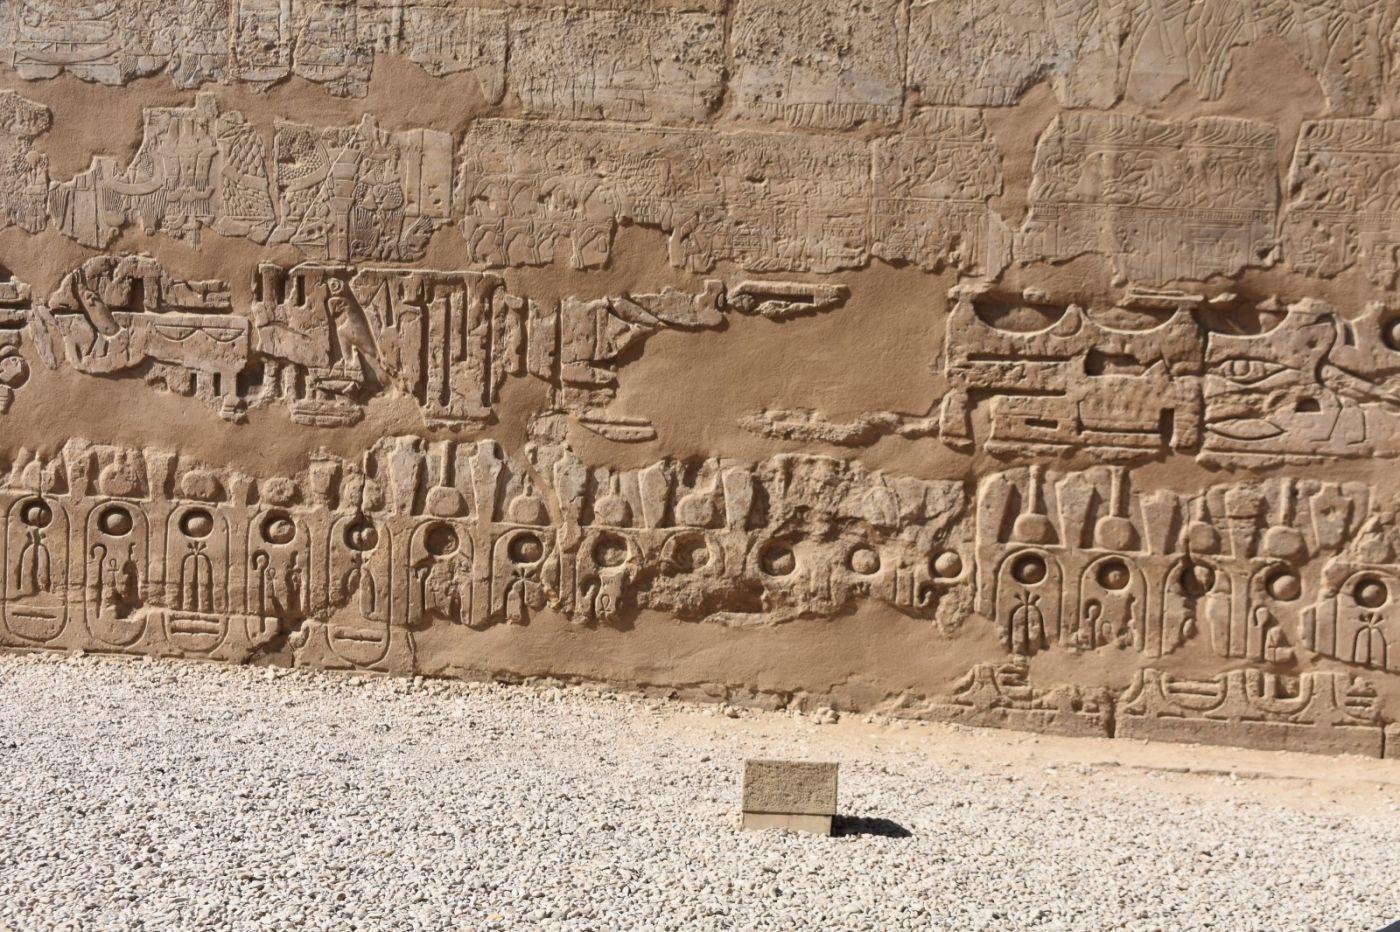 埃德富神庙和卢克索神庙_图1-33